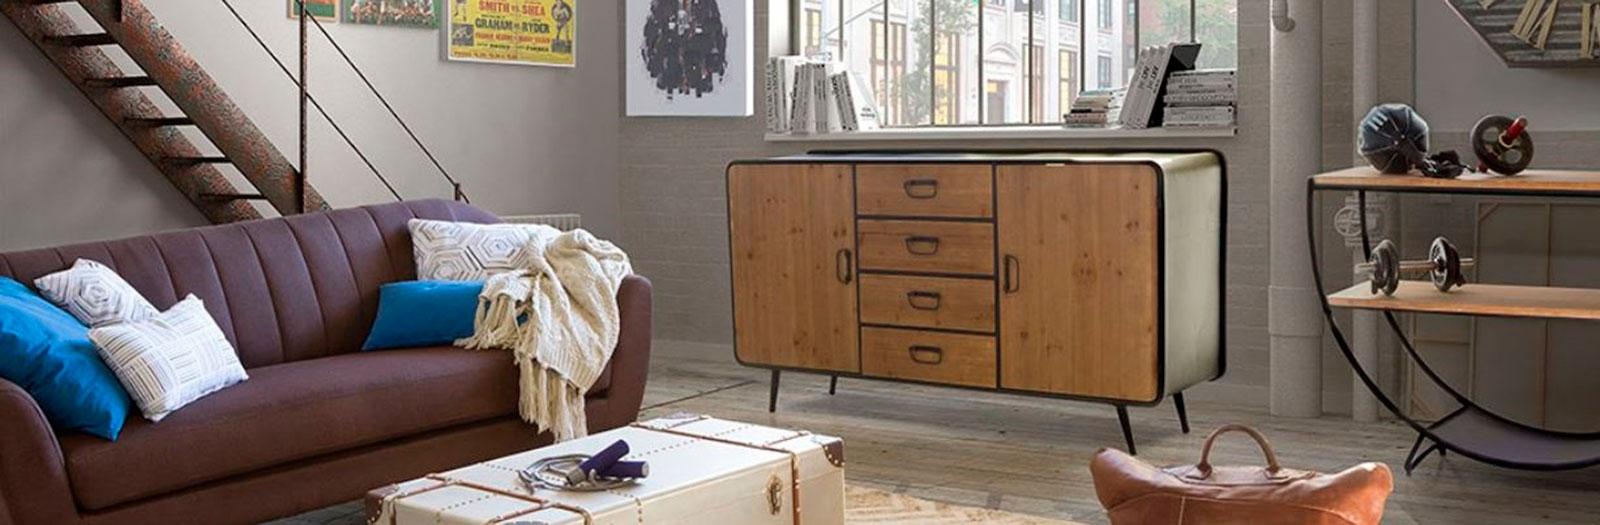 el estilo vintage en la decoraci n del hogar